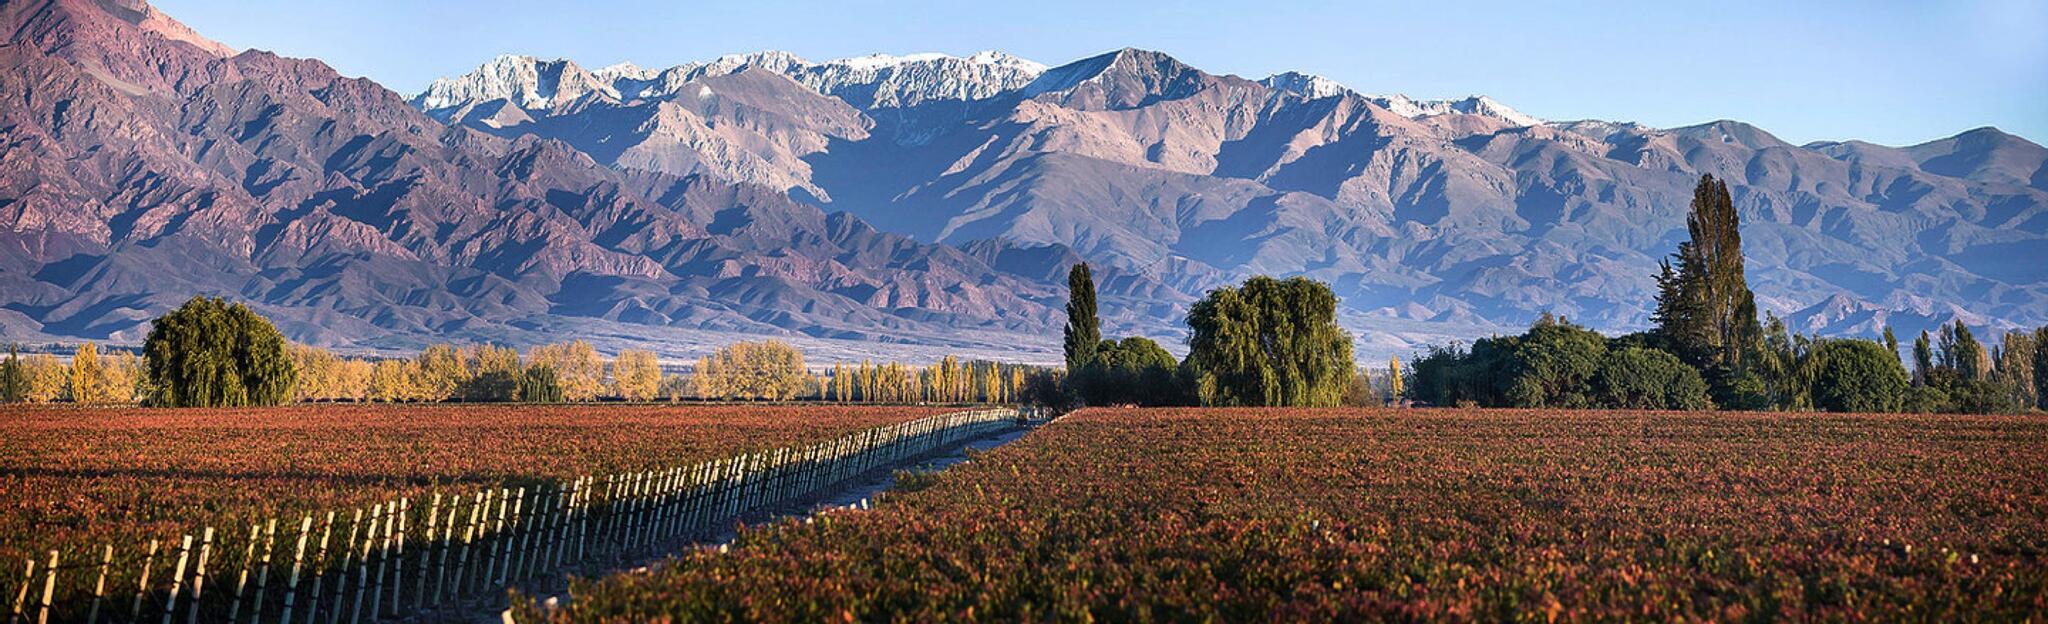 La Igriega Wines Cover Image